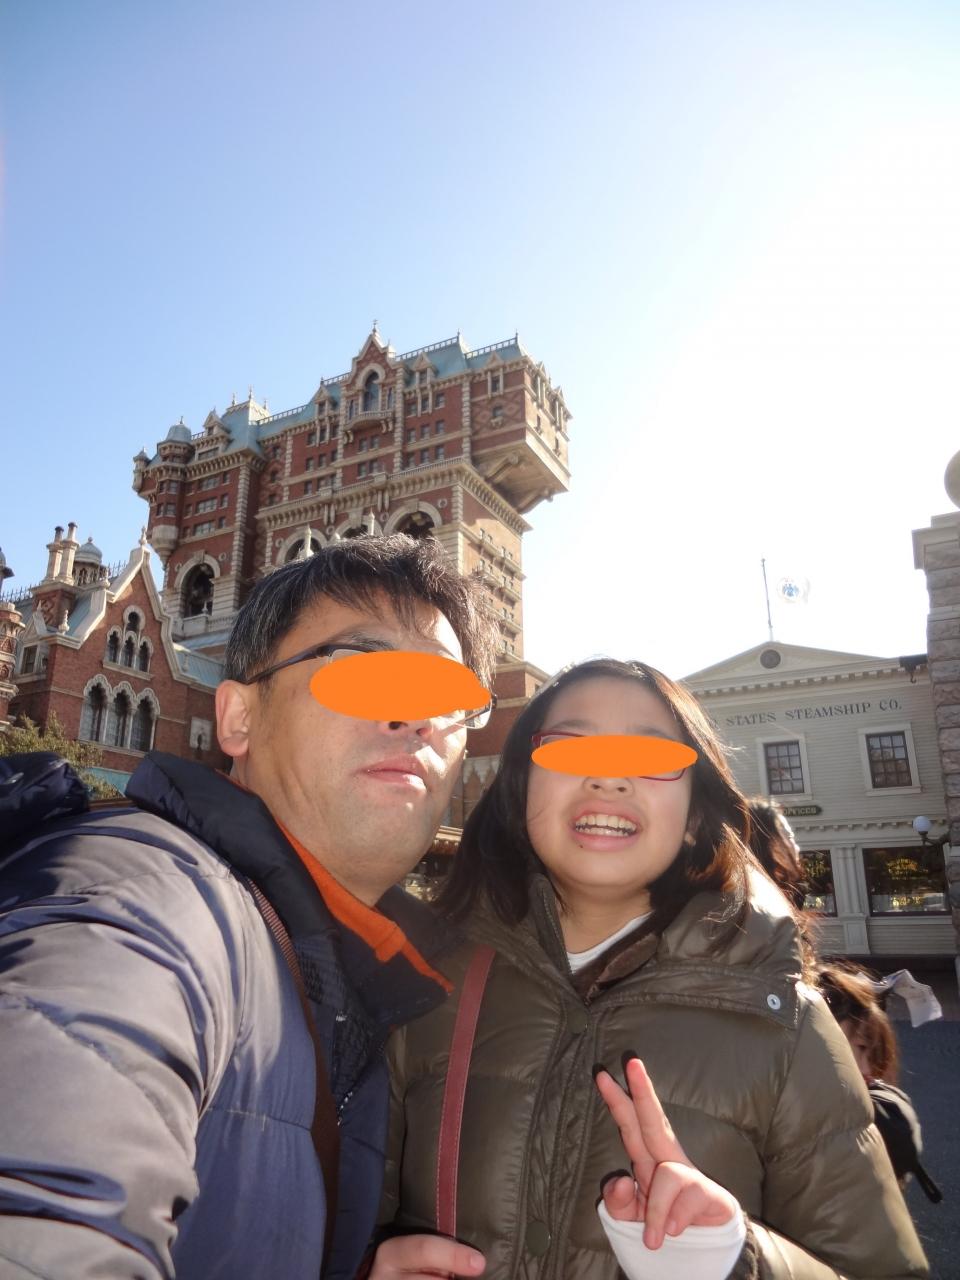 初上京!次女と二人でおのぼりさん旅行記 一月の平日に行った東京